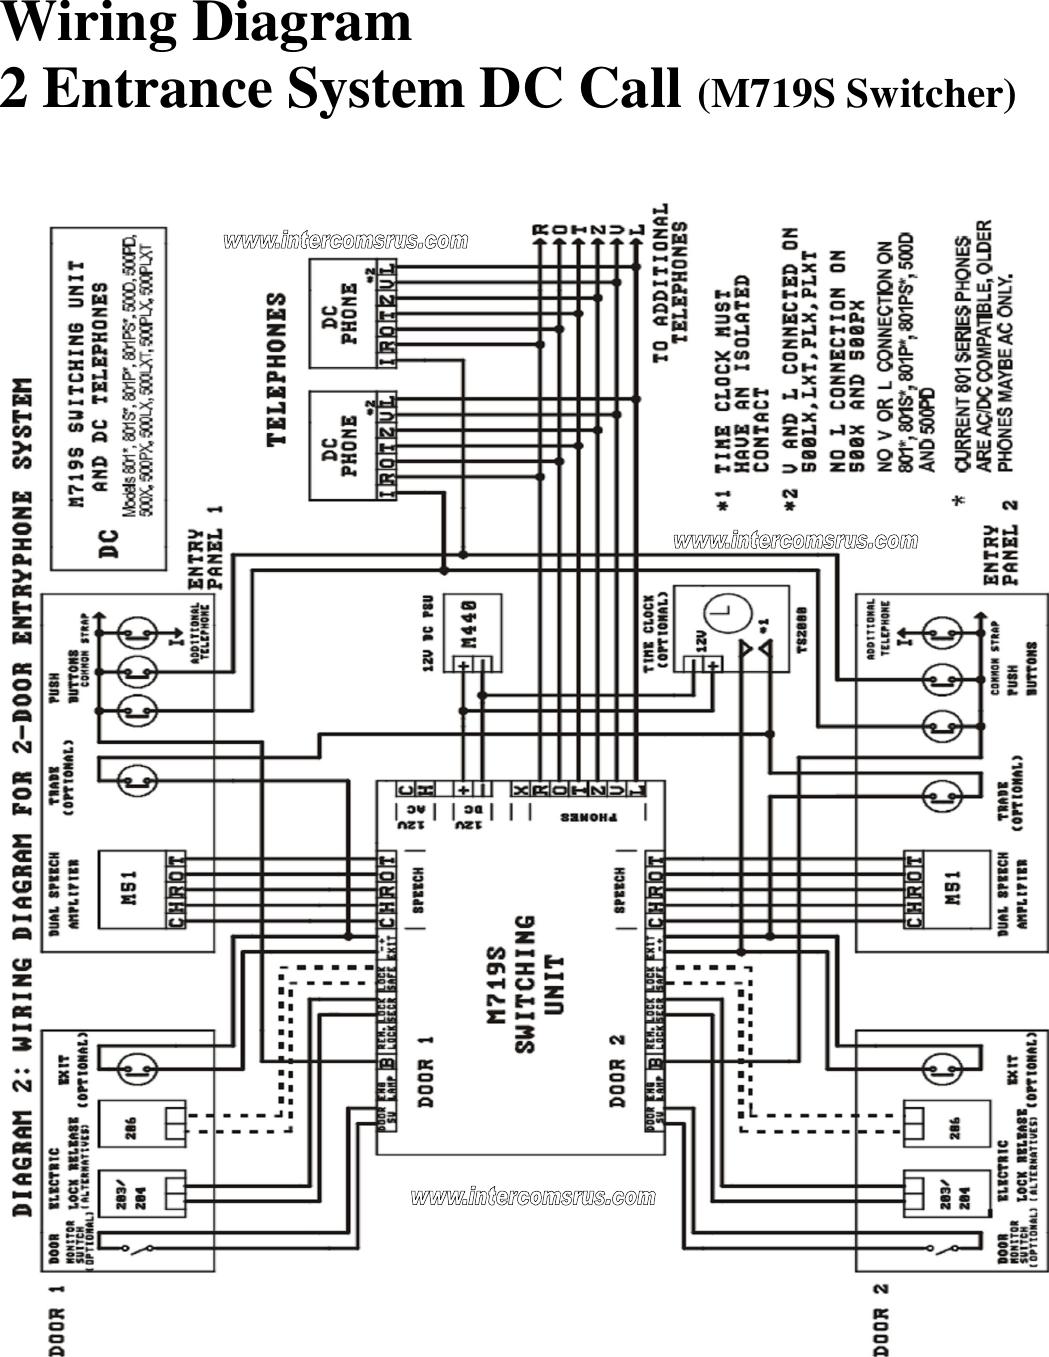 hight resolution of bstl intercom wiring diagram wiring diagram b7 intercom wiring page 2